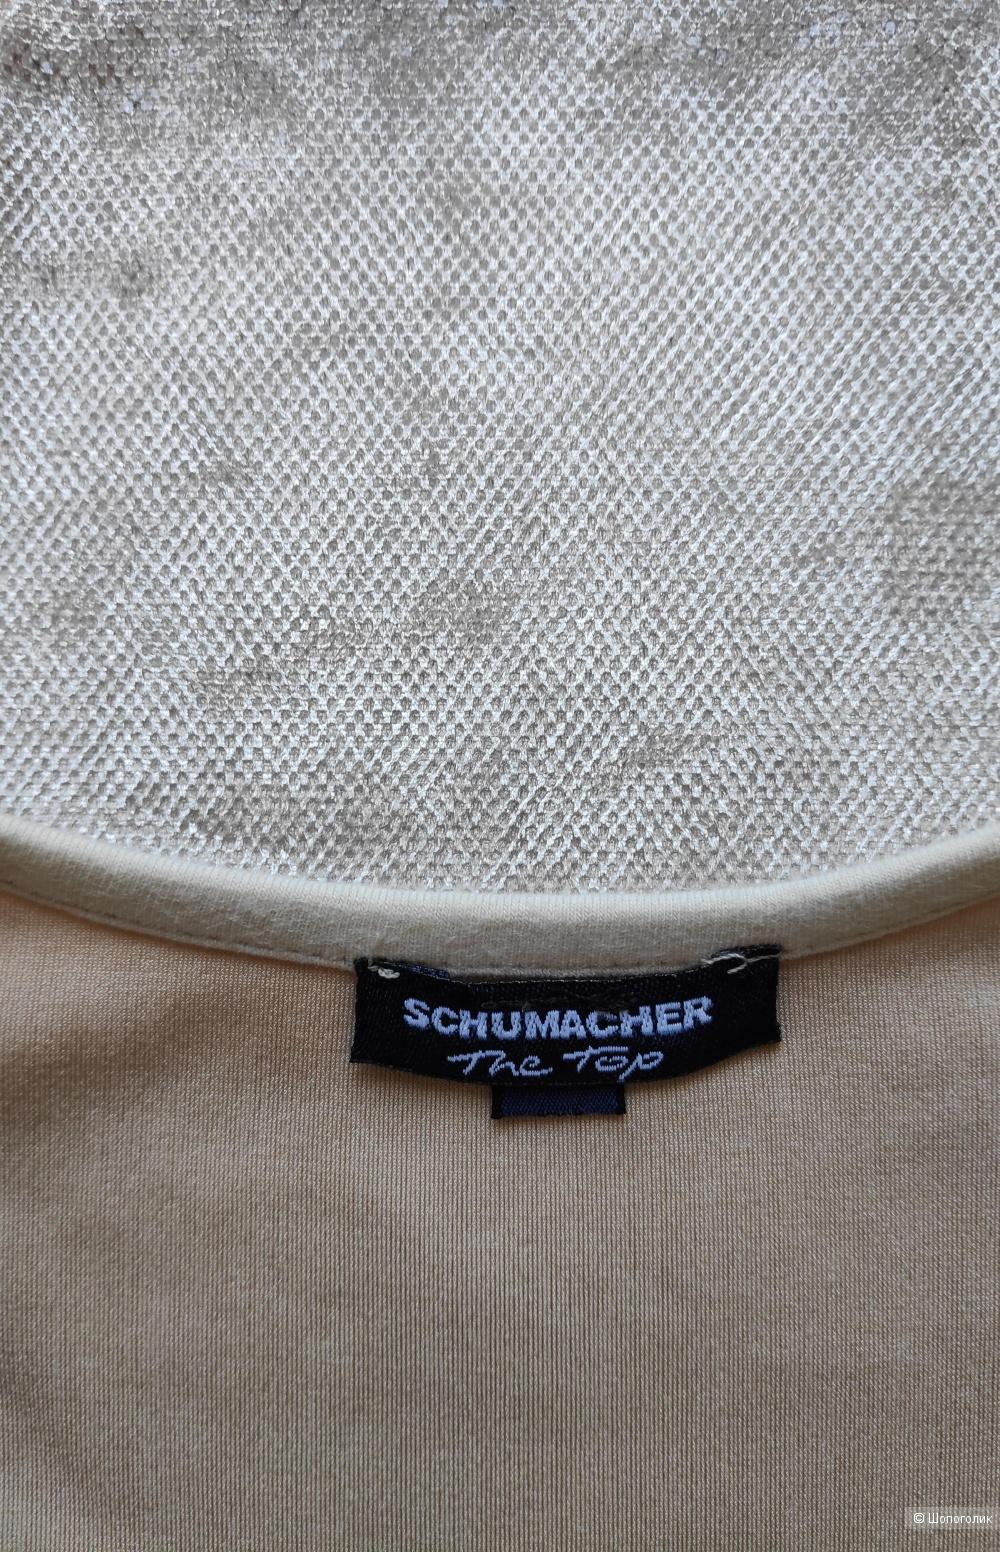 Топ SCHUMACHER, размер 44-46-48.